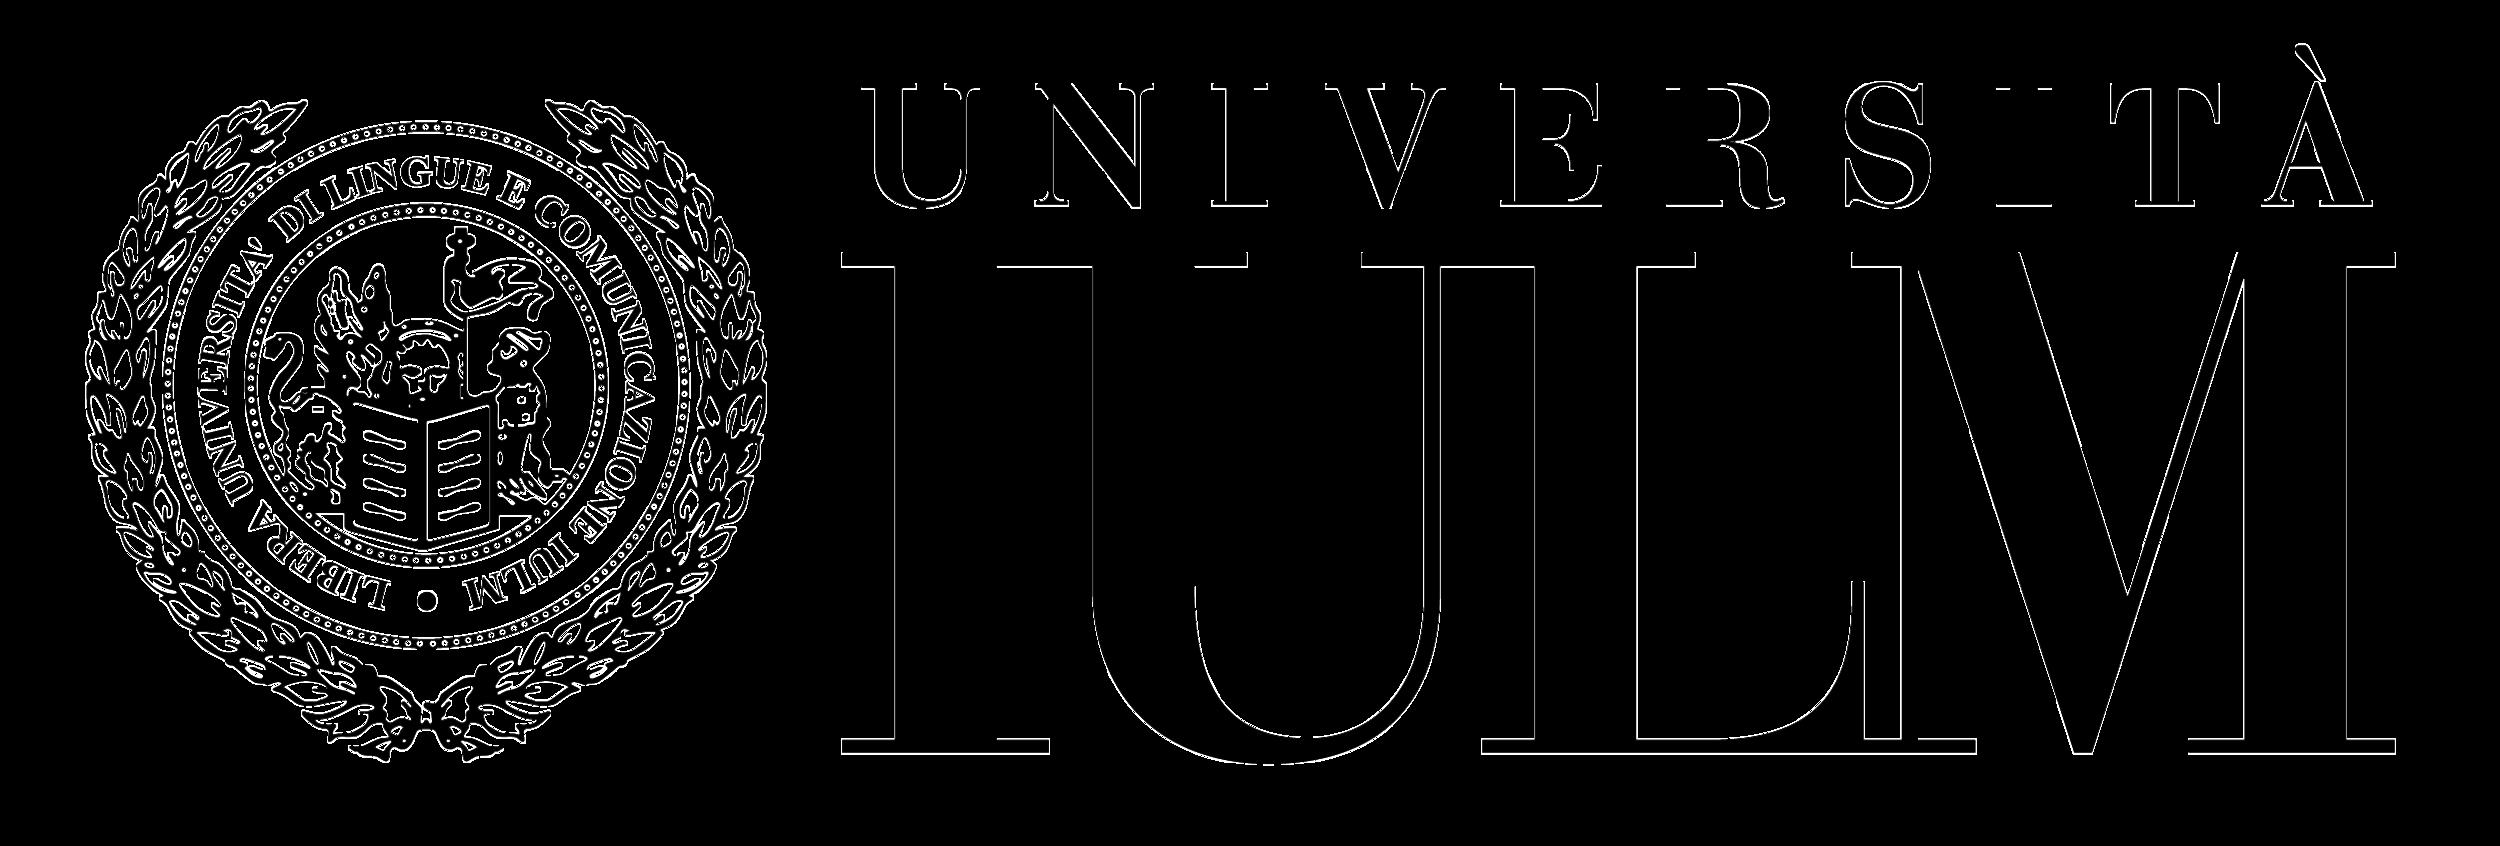 iulm logo black.png